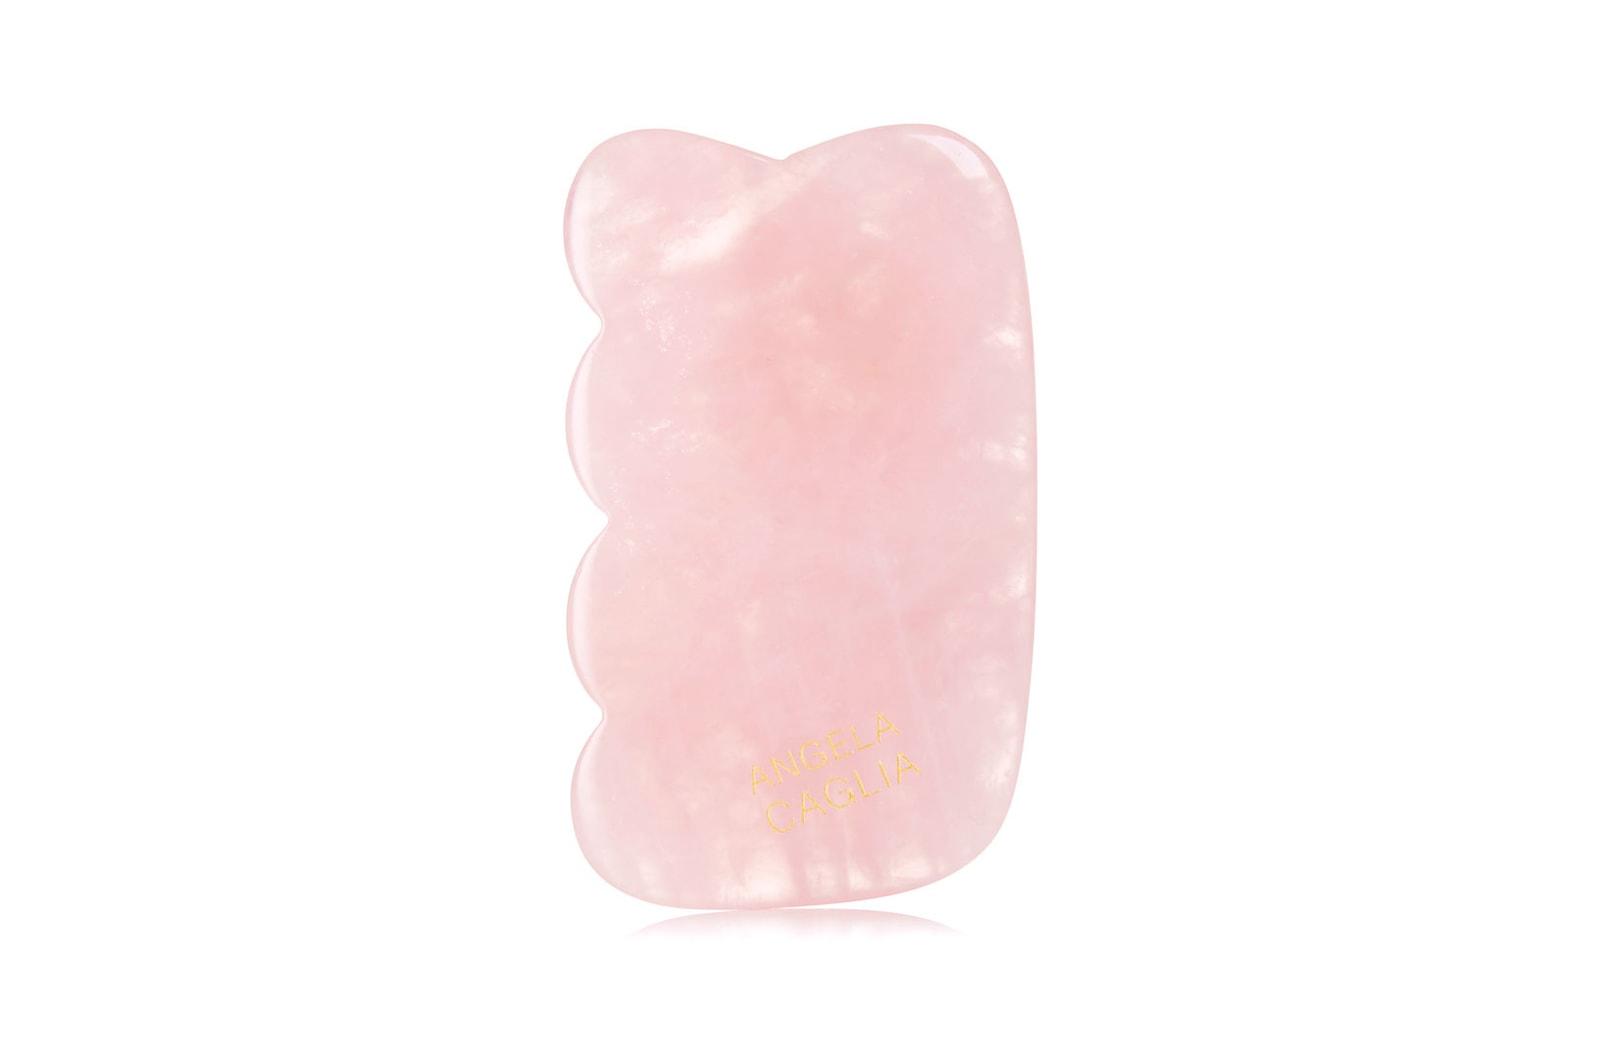 gua sha facial tool skincare beauty rose quartz